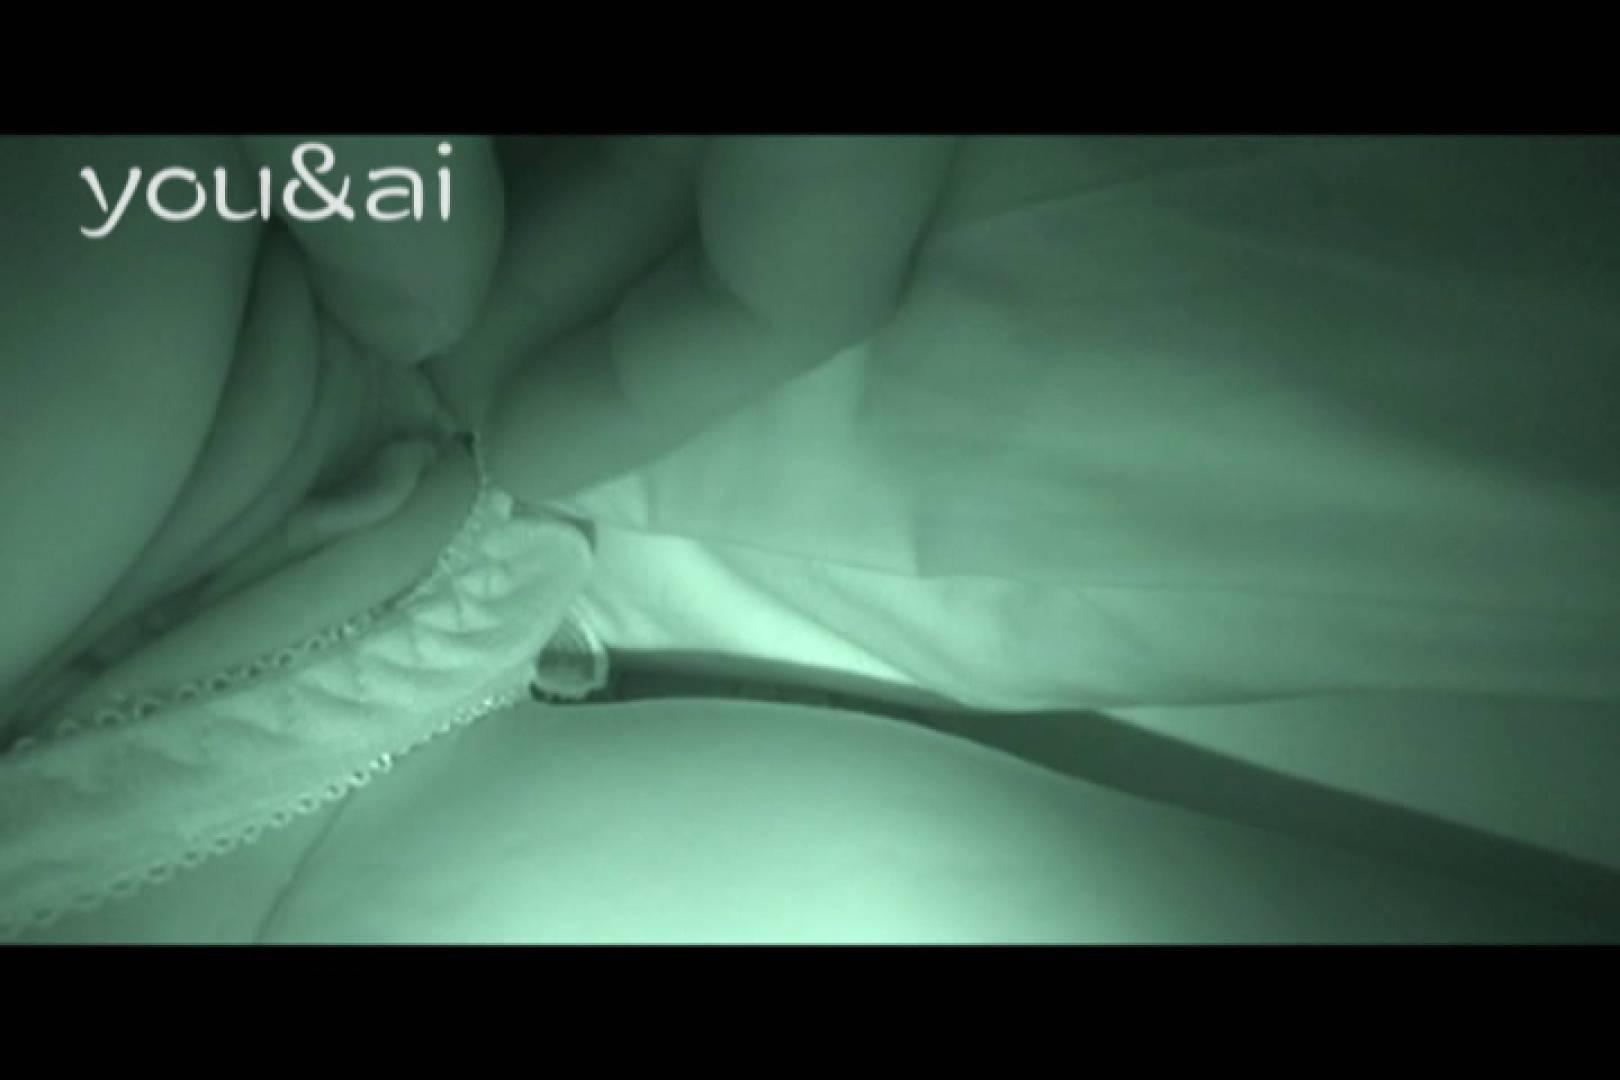 おしどり夫婦のyou&aiさん投稿作品vol.6 緊縛  76pic 14